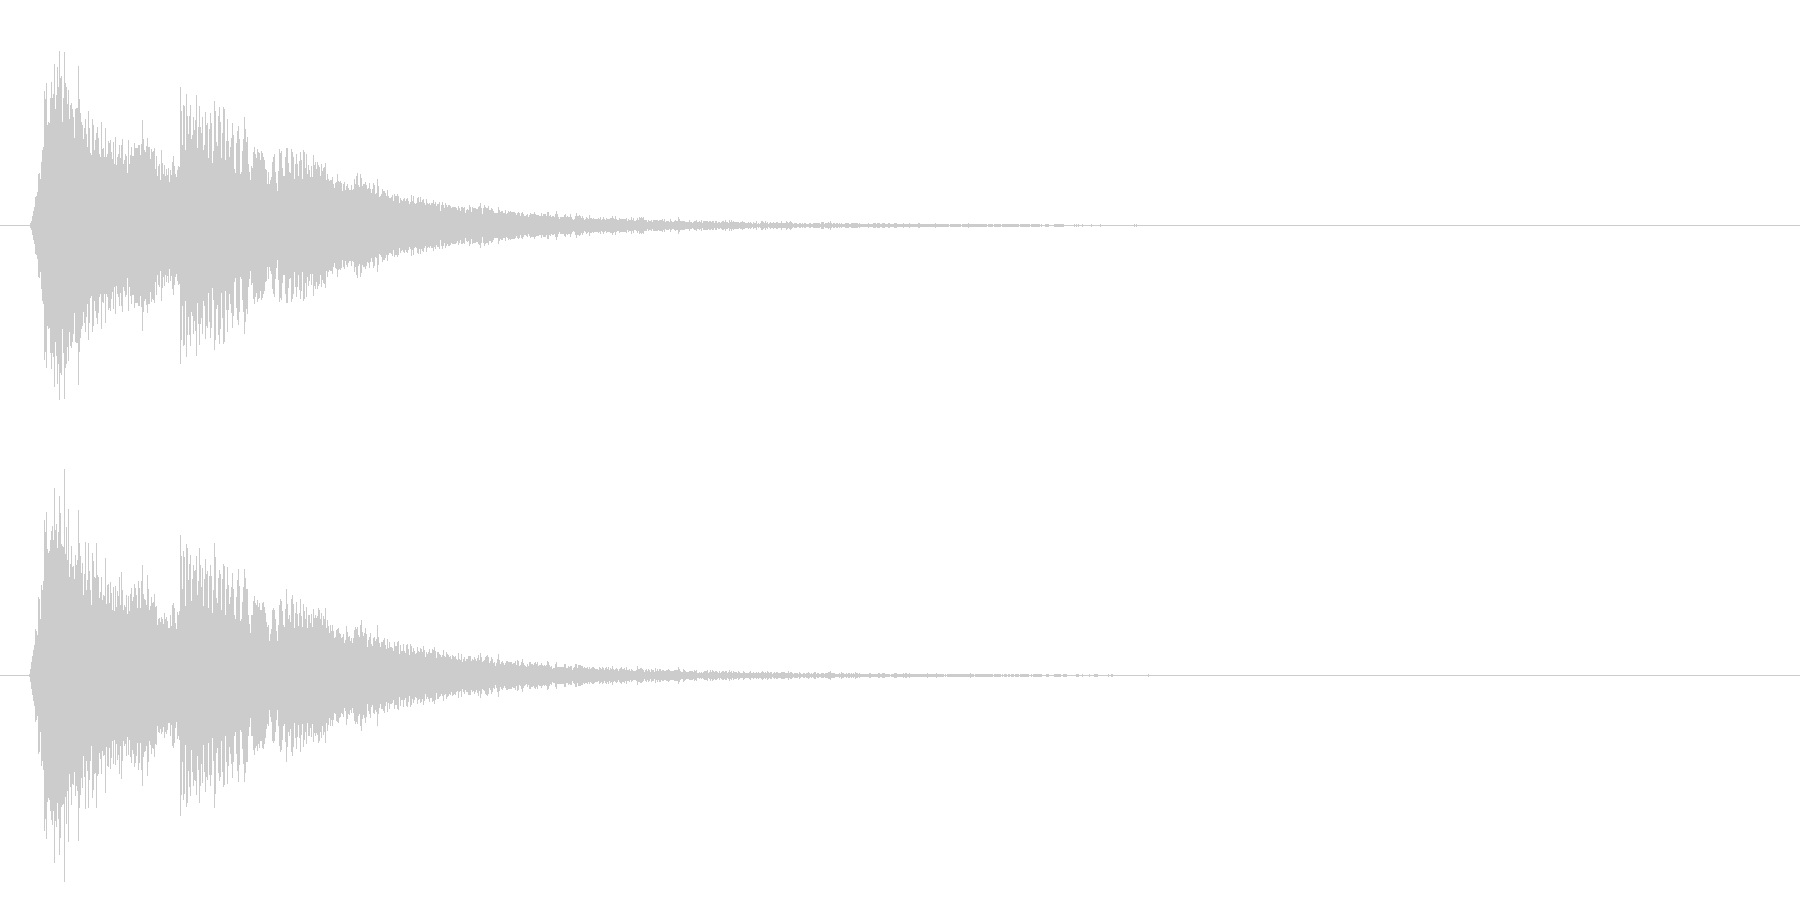 タッチ音/キラキラ/回復の未再生の波形